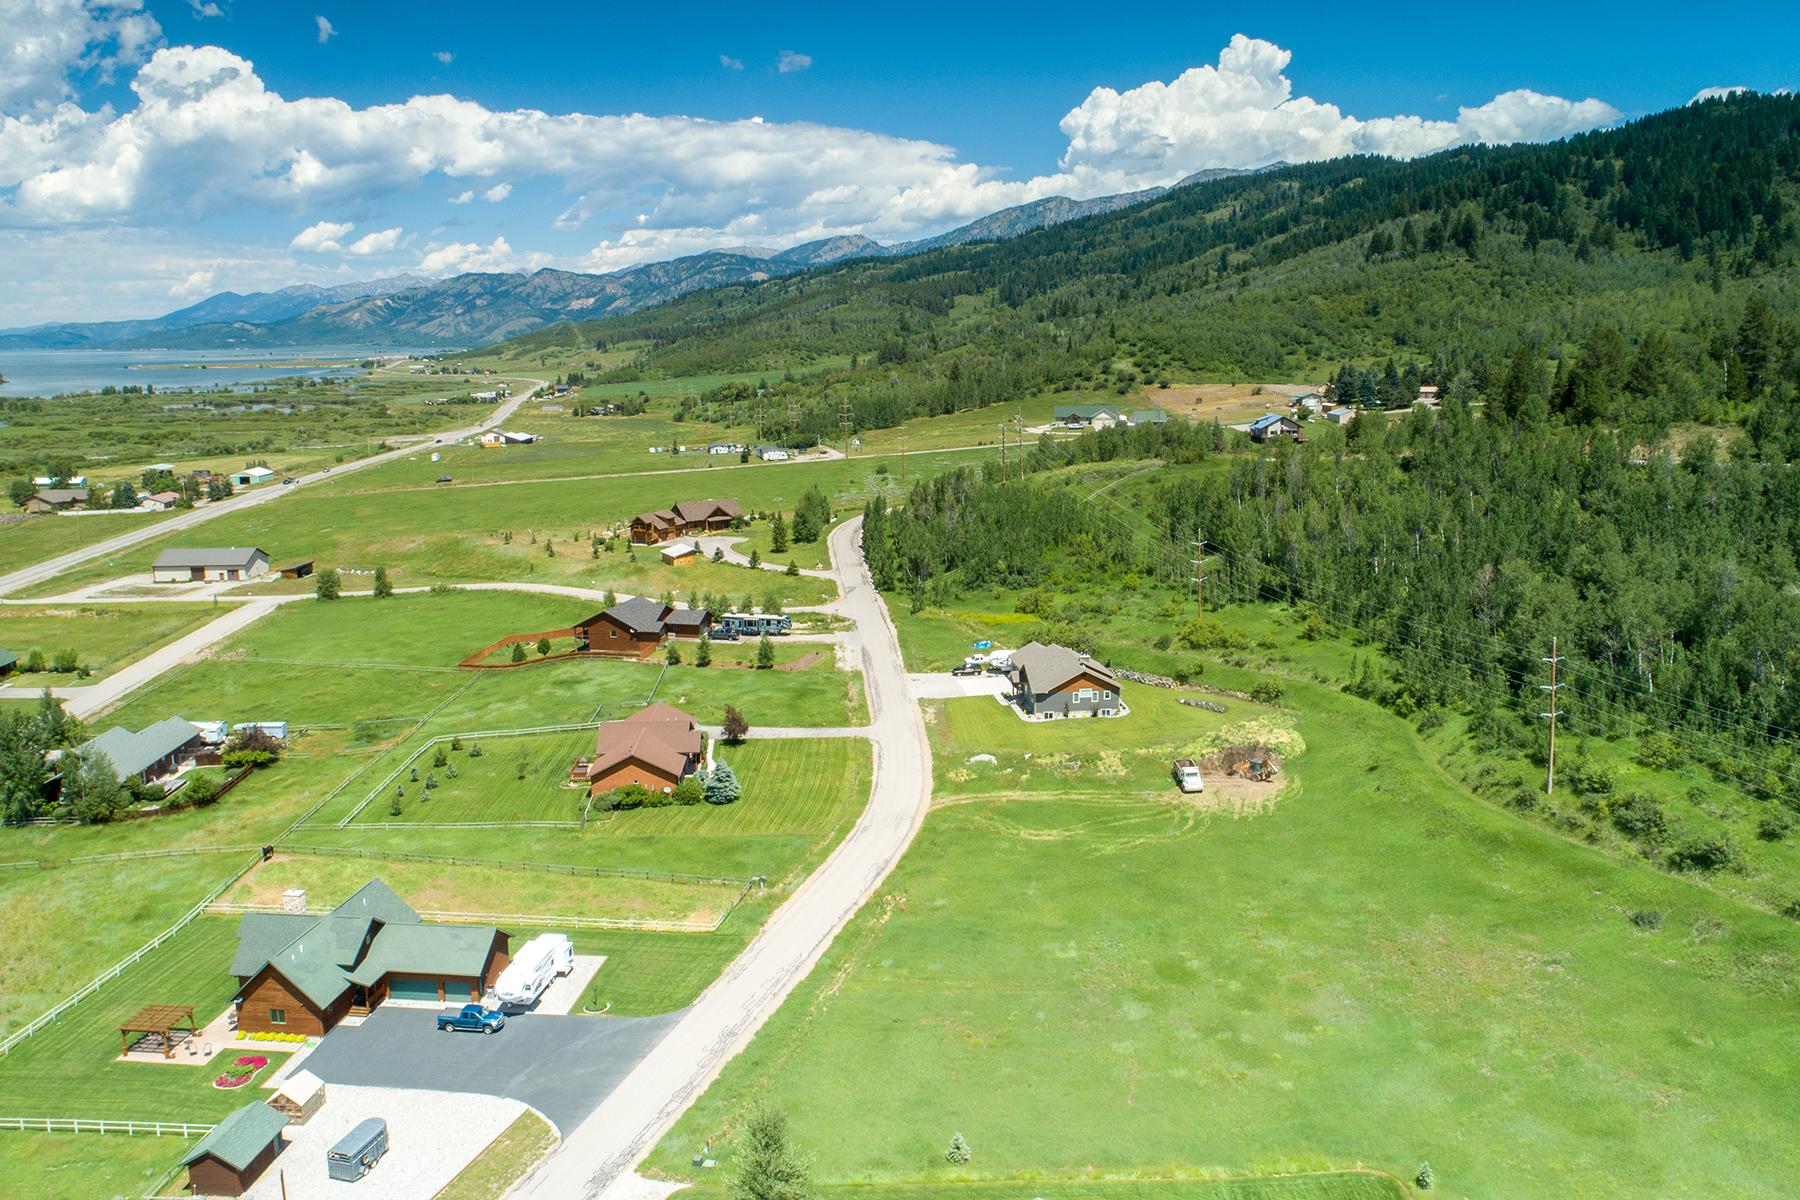 Terreno por un Venta en 1.34 acres in Trail Ridge LOT 13 BUFFALO DR,, Alpine, Wyoming 83128 Estados Unidos